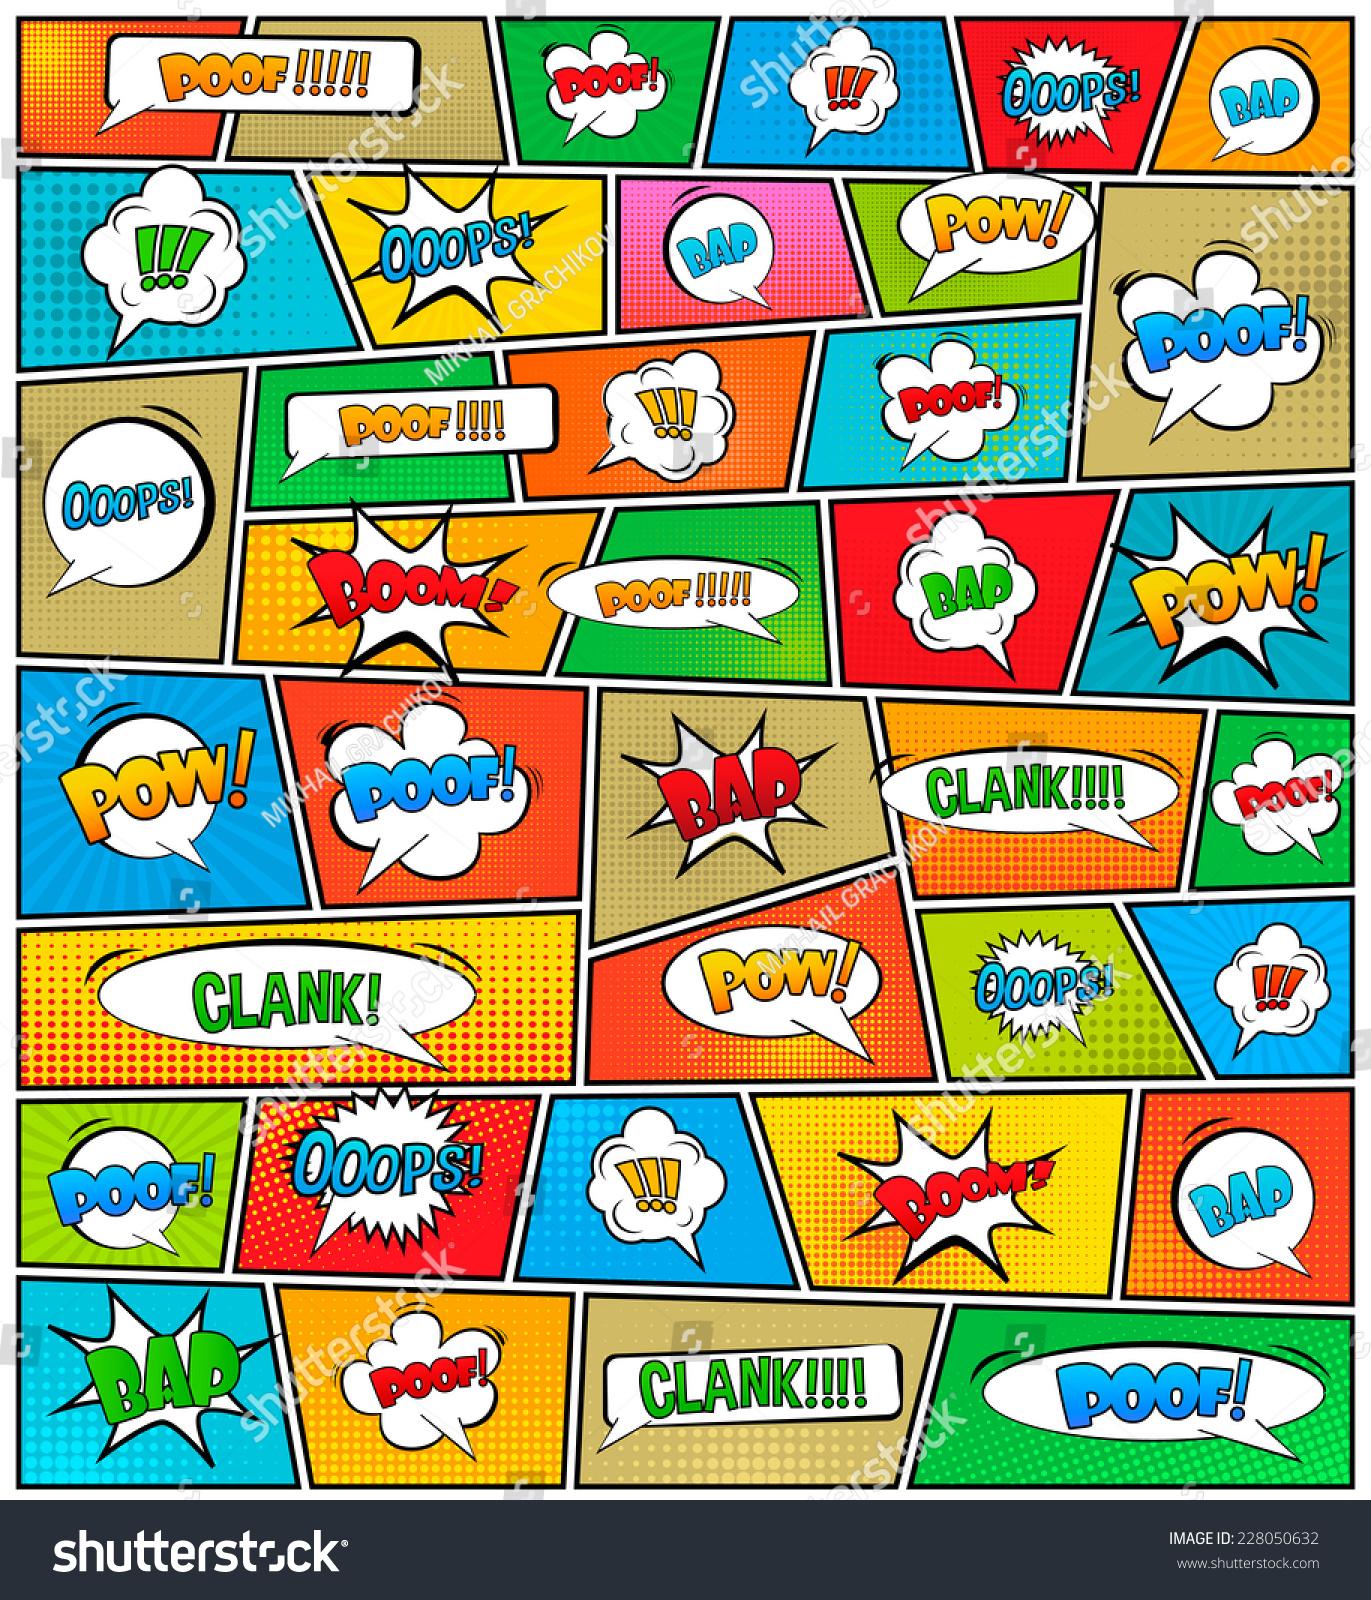 Abstract Creative Concept Vector Comics Pop Stock Vector 228050632 ...